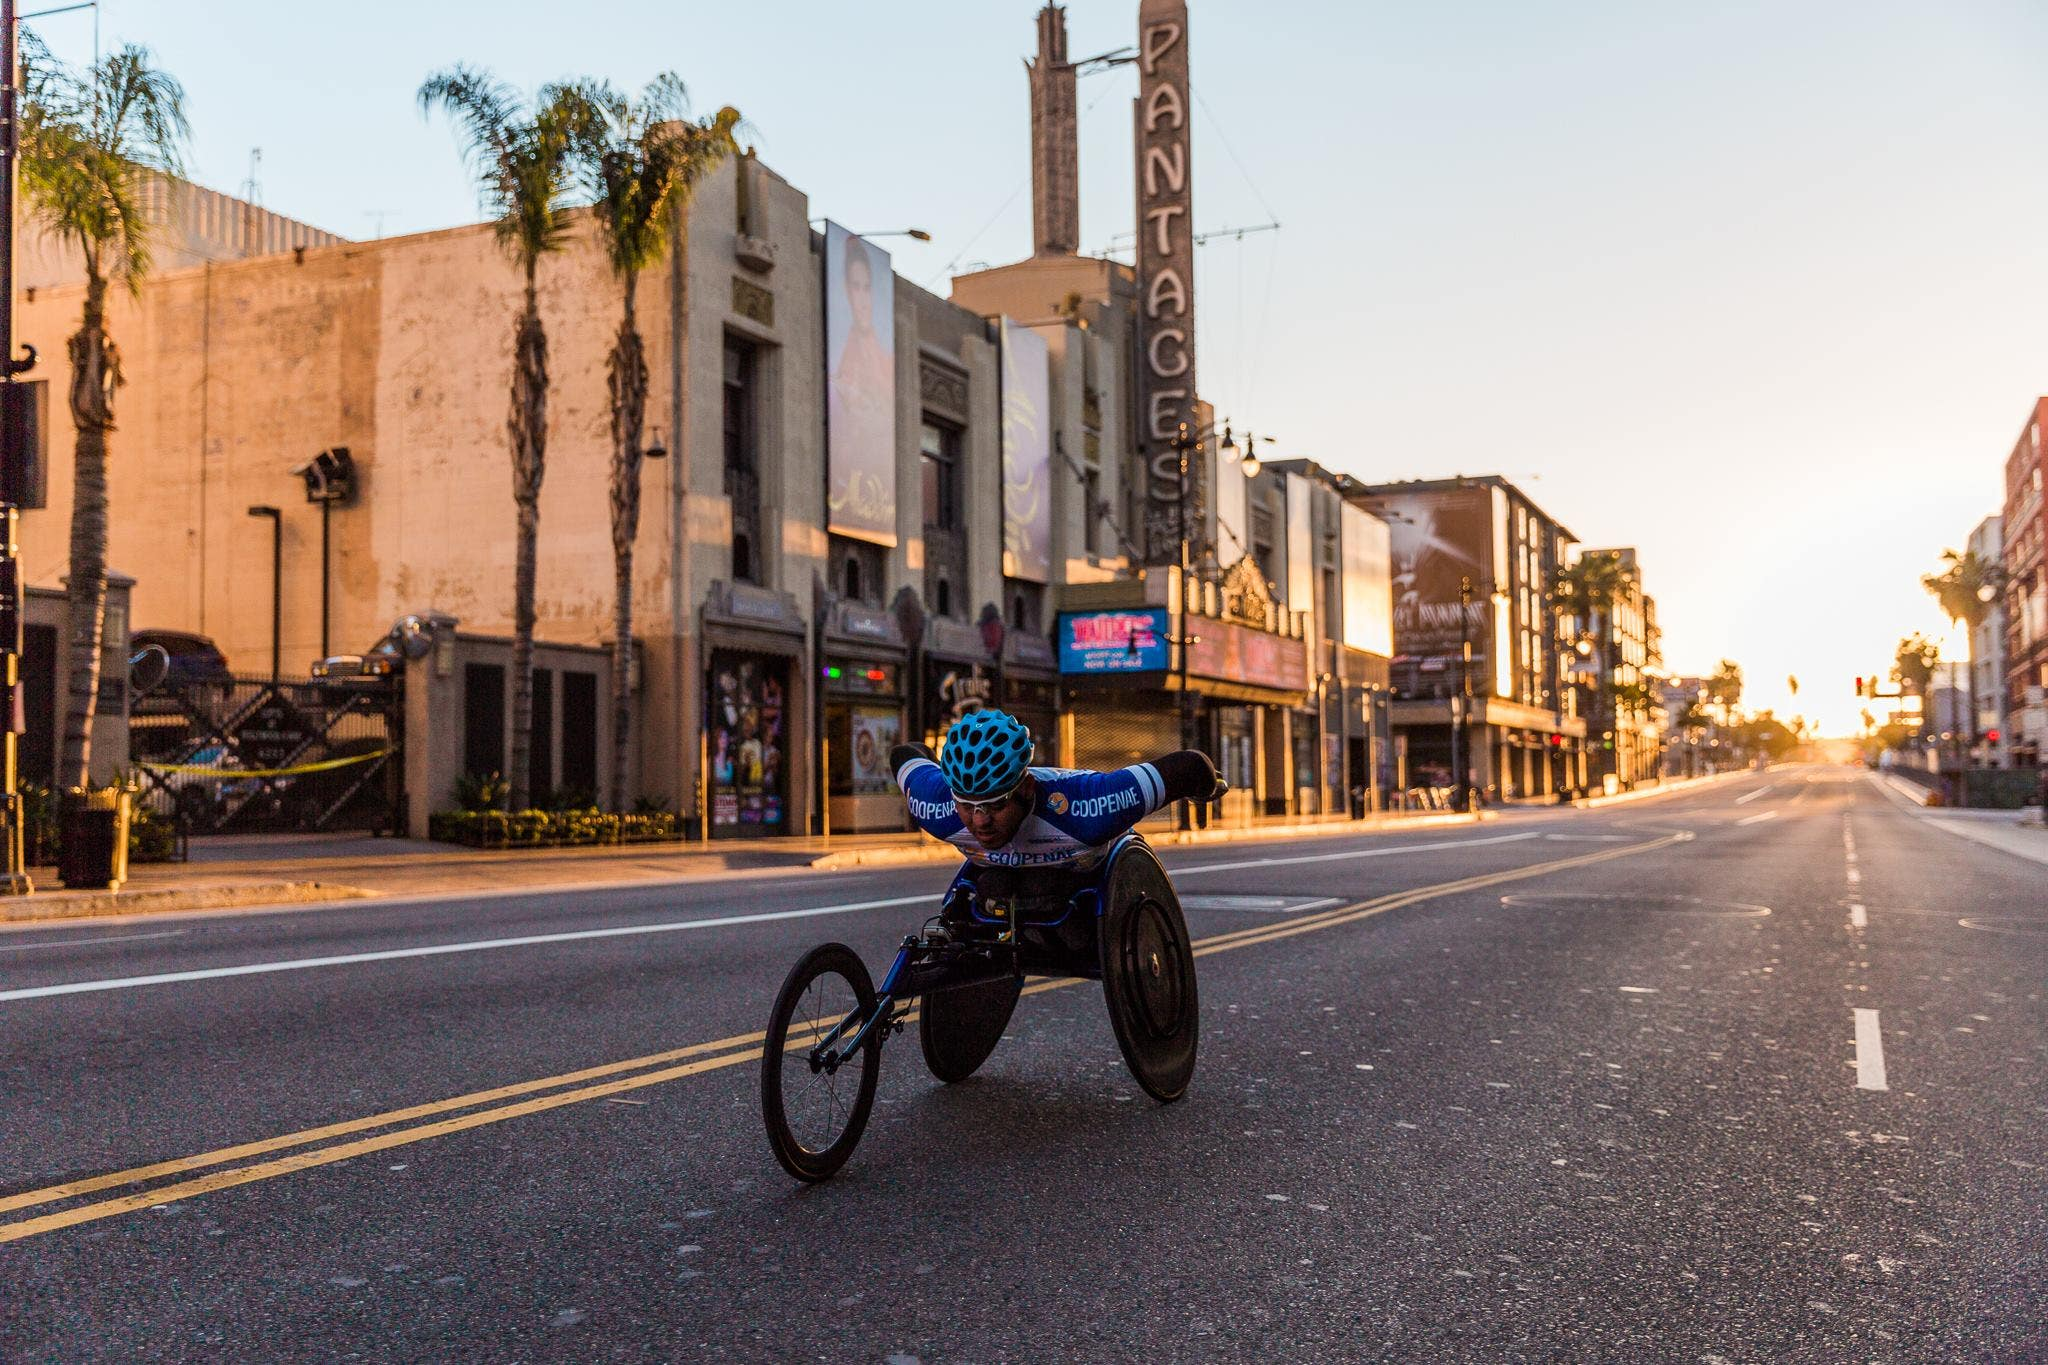 LA Marathon wheelchair racer passes the Pantages Theatre